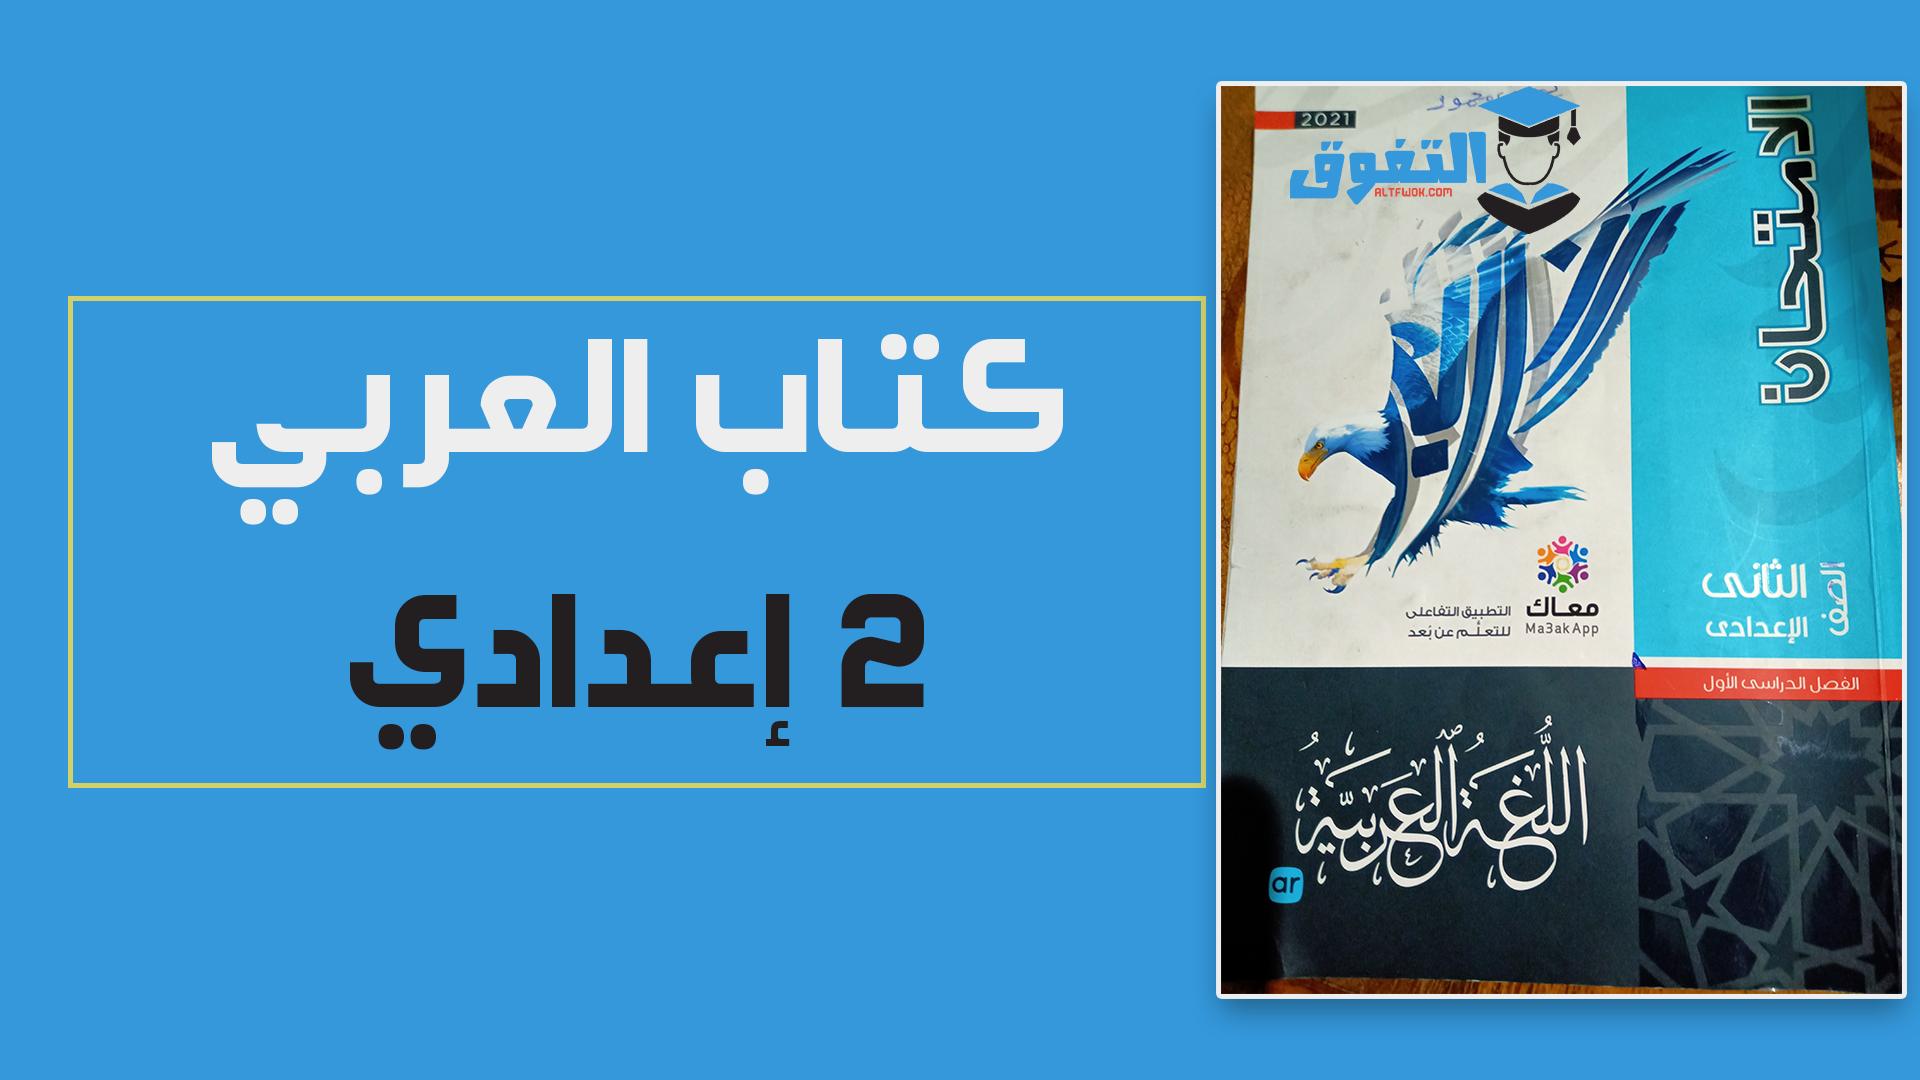 تحميل كتاب الامتحان فى اللغة العربية pdf للصف الثانى الإعدادى الترم الأول 2021 (النسخة الجديدة)